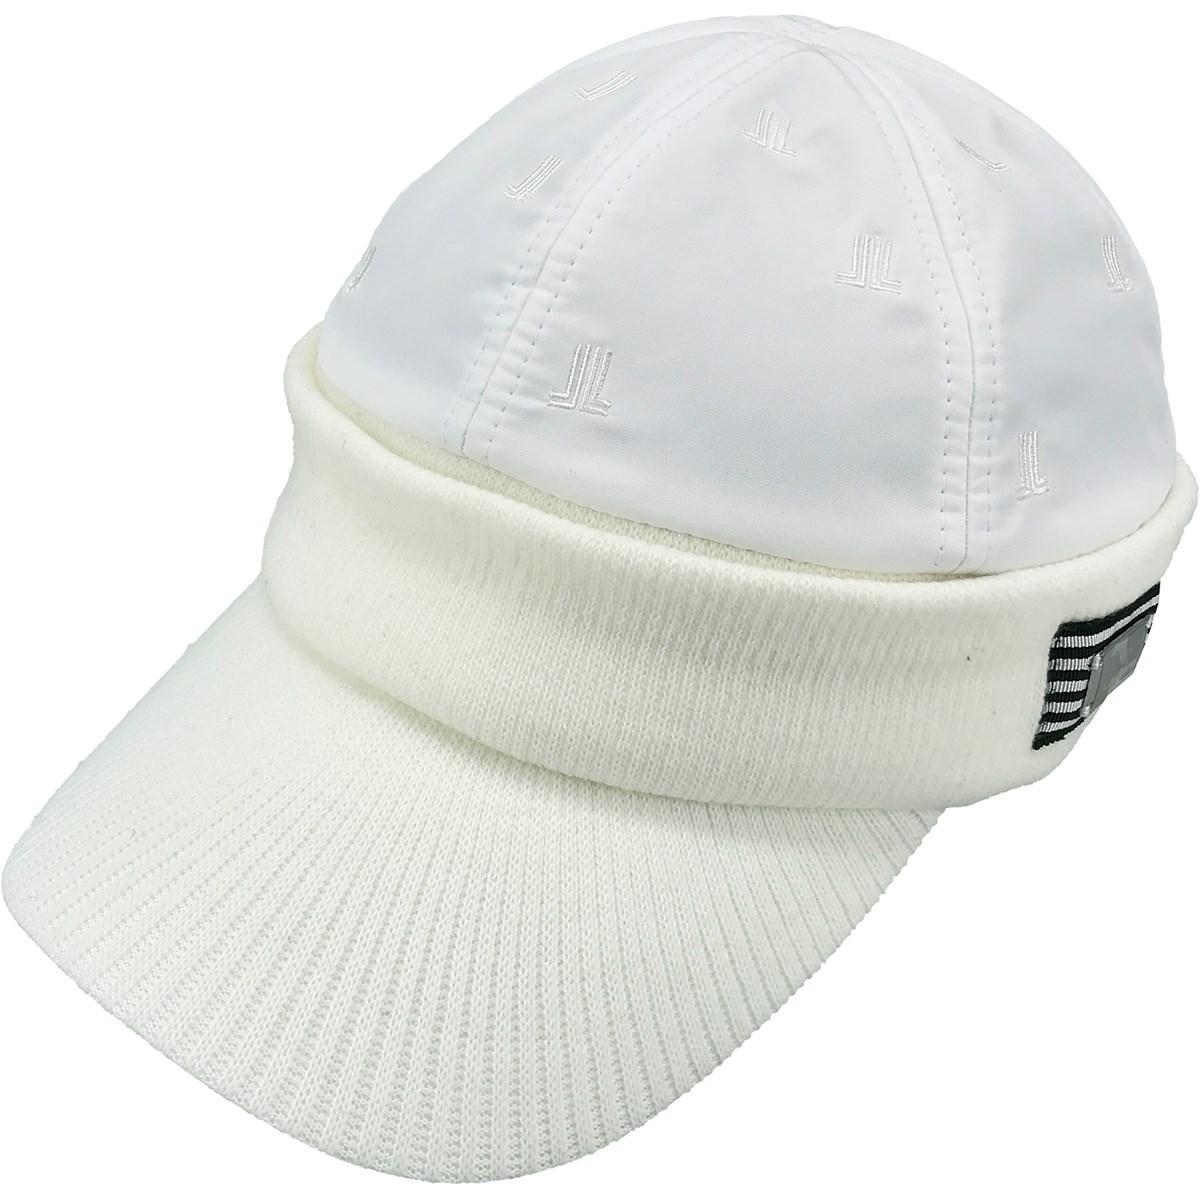 ランバン スポール LANVIN SPORT HEAT NAVI 中綿キャップ フリー ホワイト 01 レディス